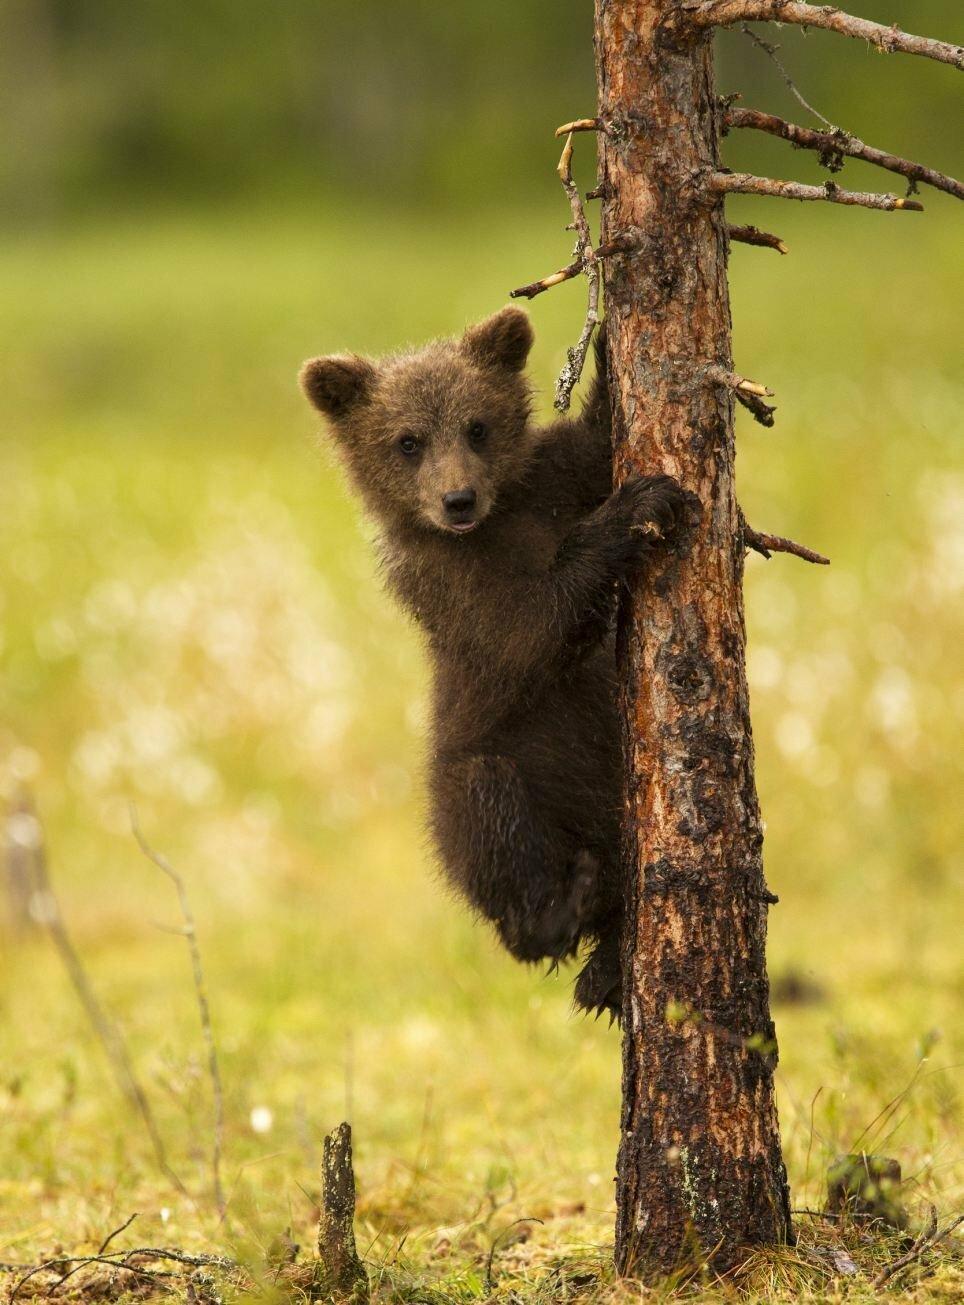 красивые картинки медвежат вкусные, нежные, удивительно